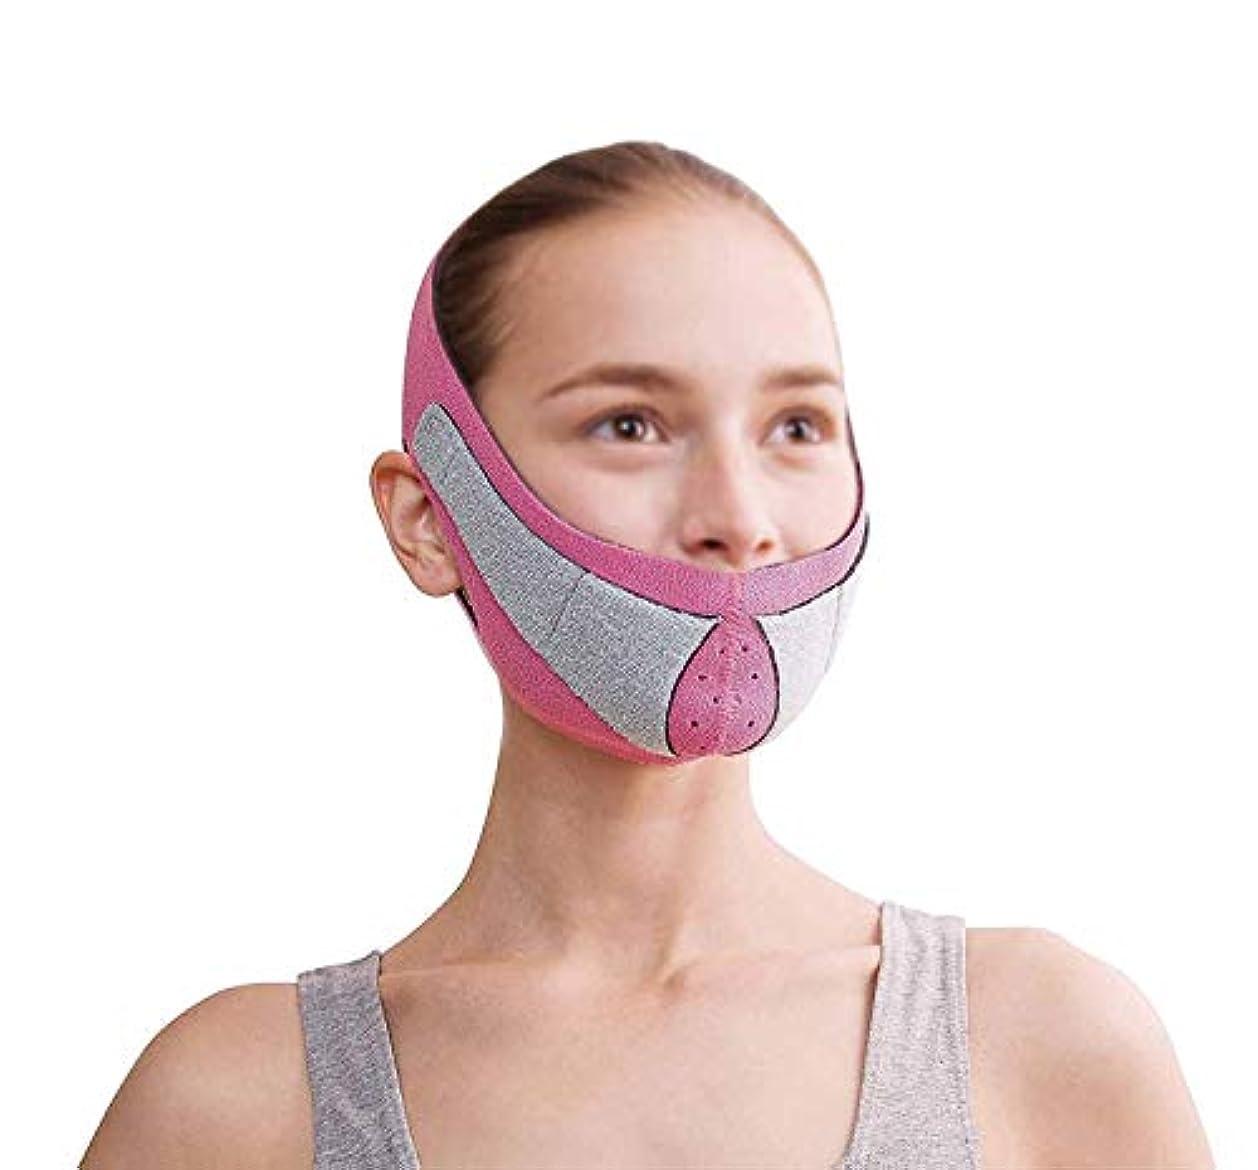 リルスープ凝視フェイスリフトマスク、顔のMaskplus薄いフェイスマスクタイトなたるみの薄いフェイスマスク顔の薄いフェイスマスクアーティファクトネックストラップ付き